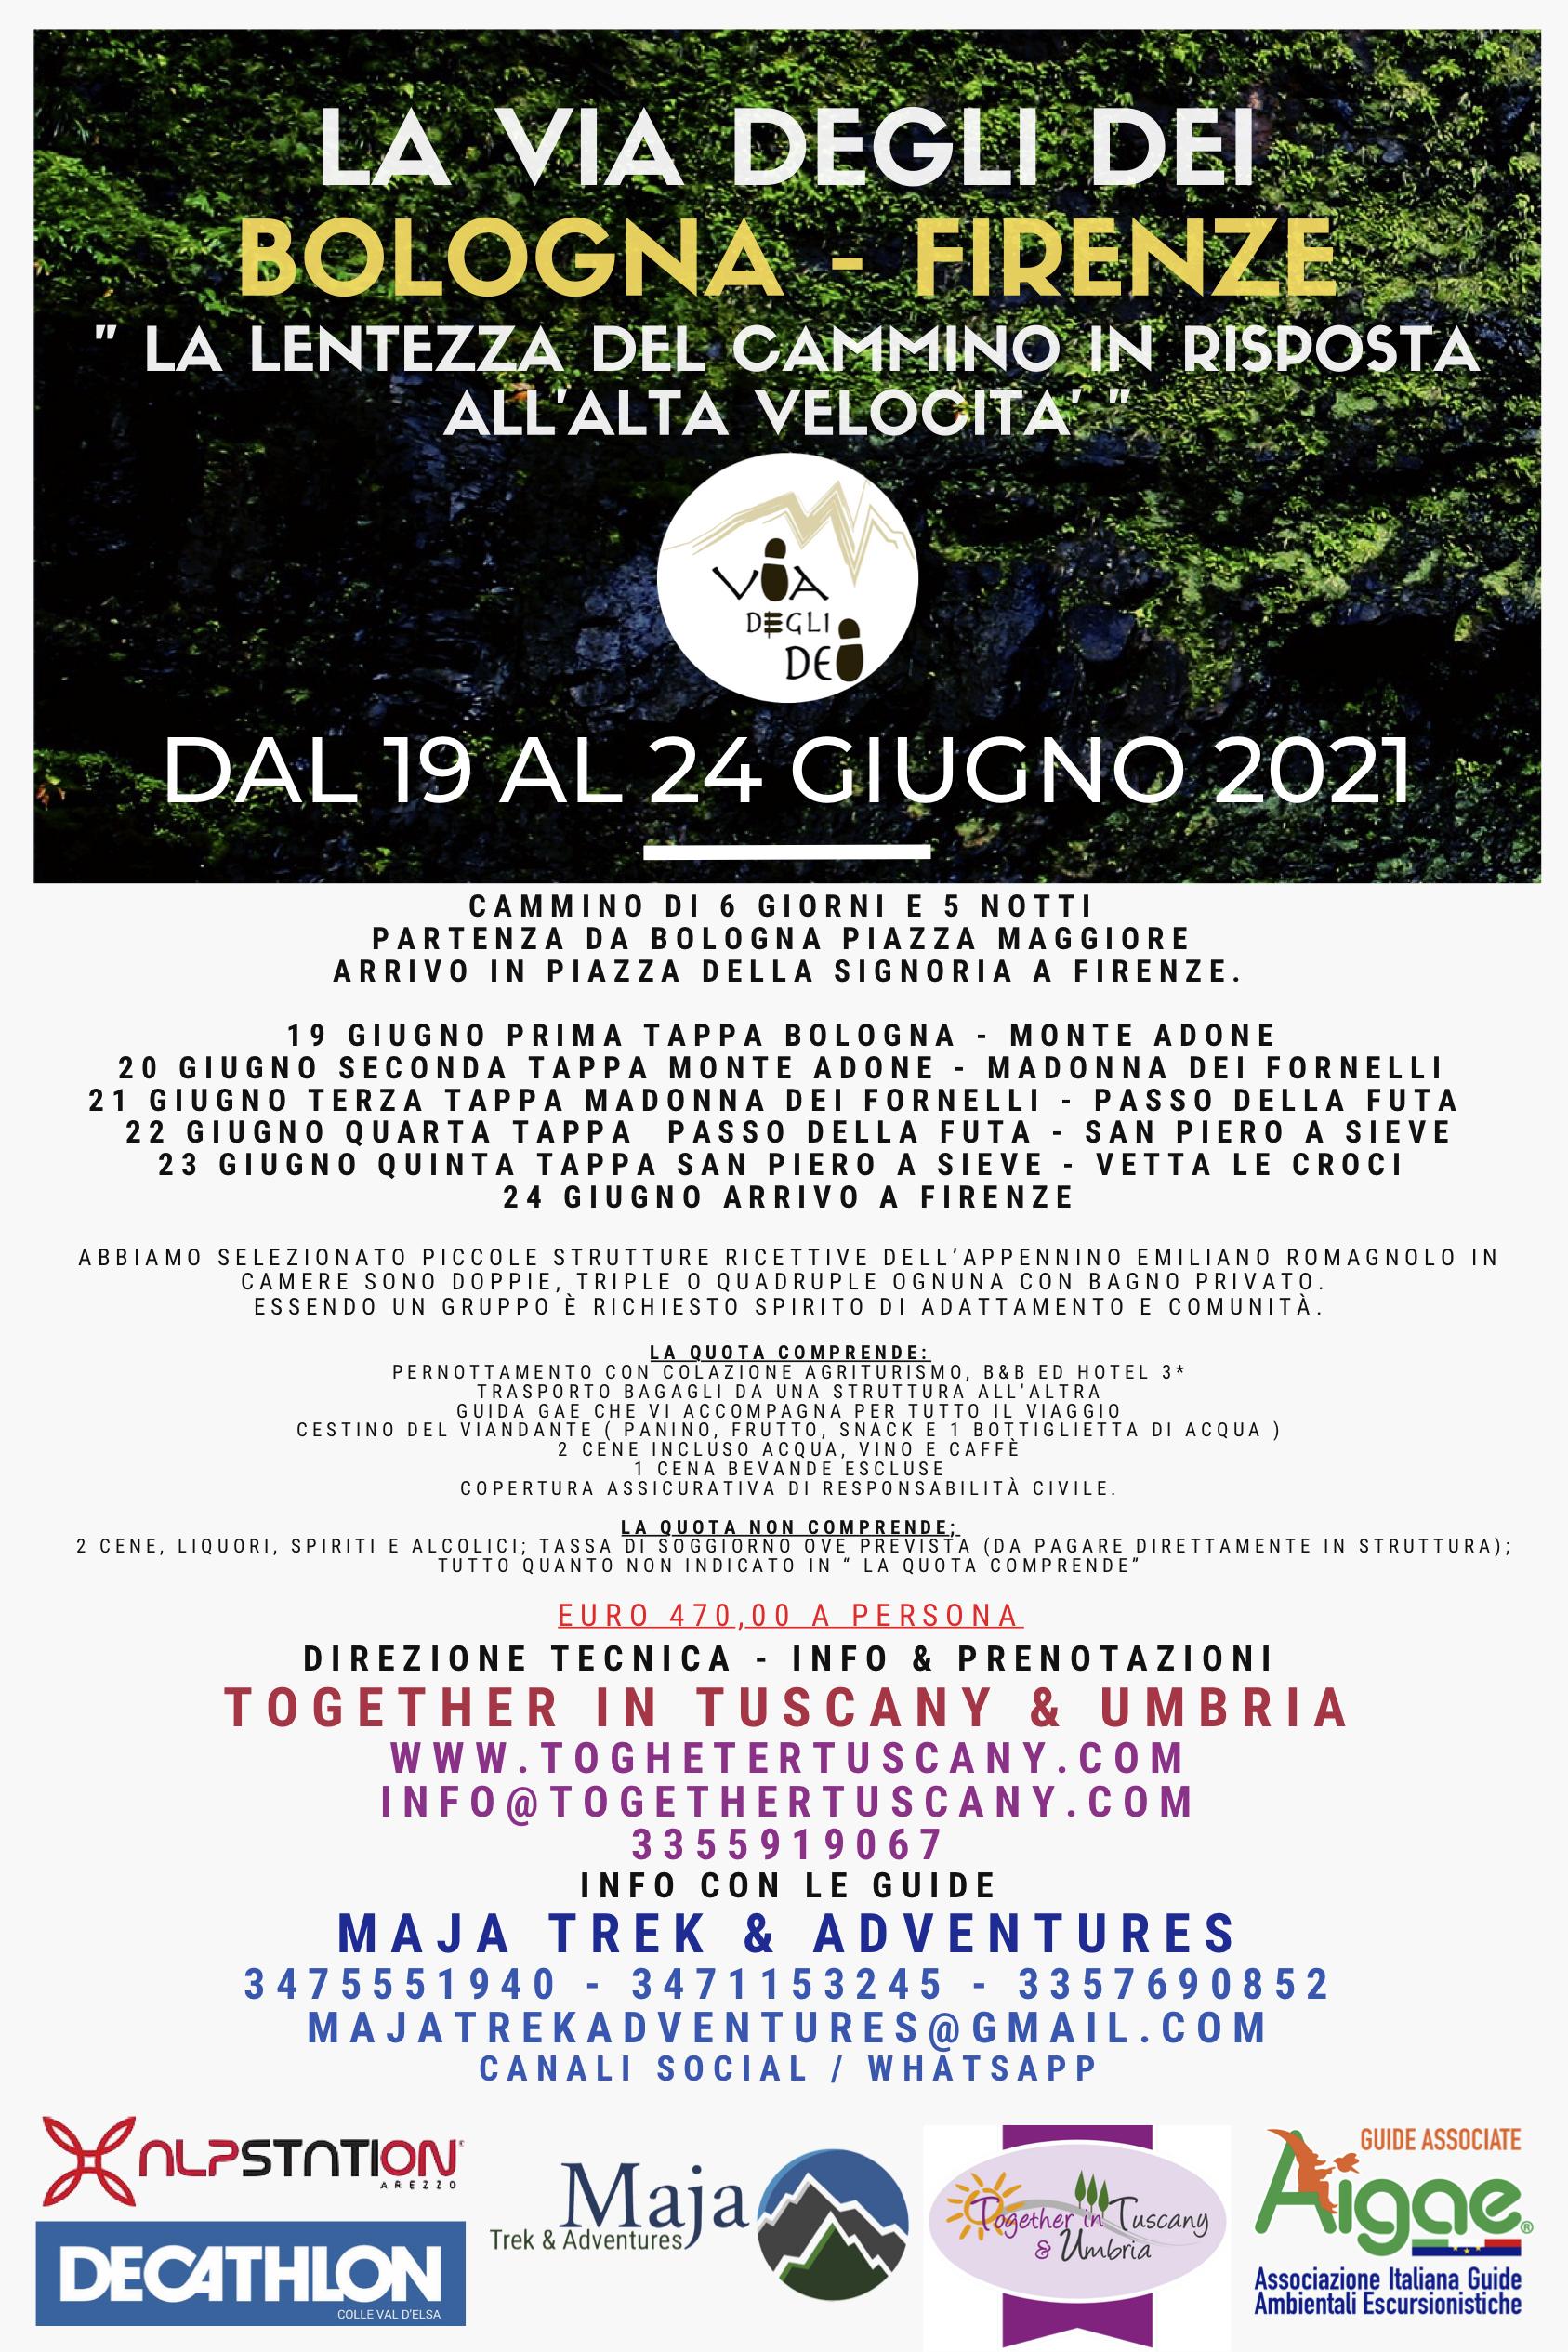 Via Degli Dei 2021 Bologna Firenze Dal 19 Al 24 Giugno 2021 La Lentezza Del Cammino In Risposta All Alta Velocita Escursionismo It